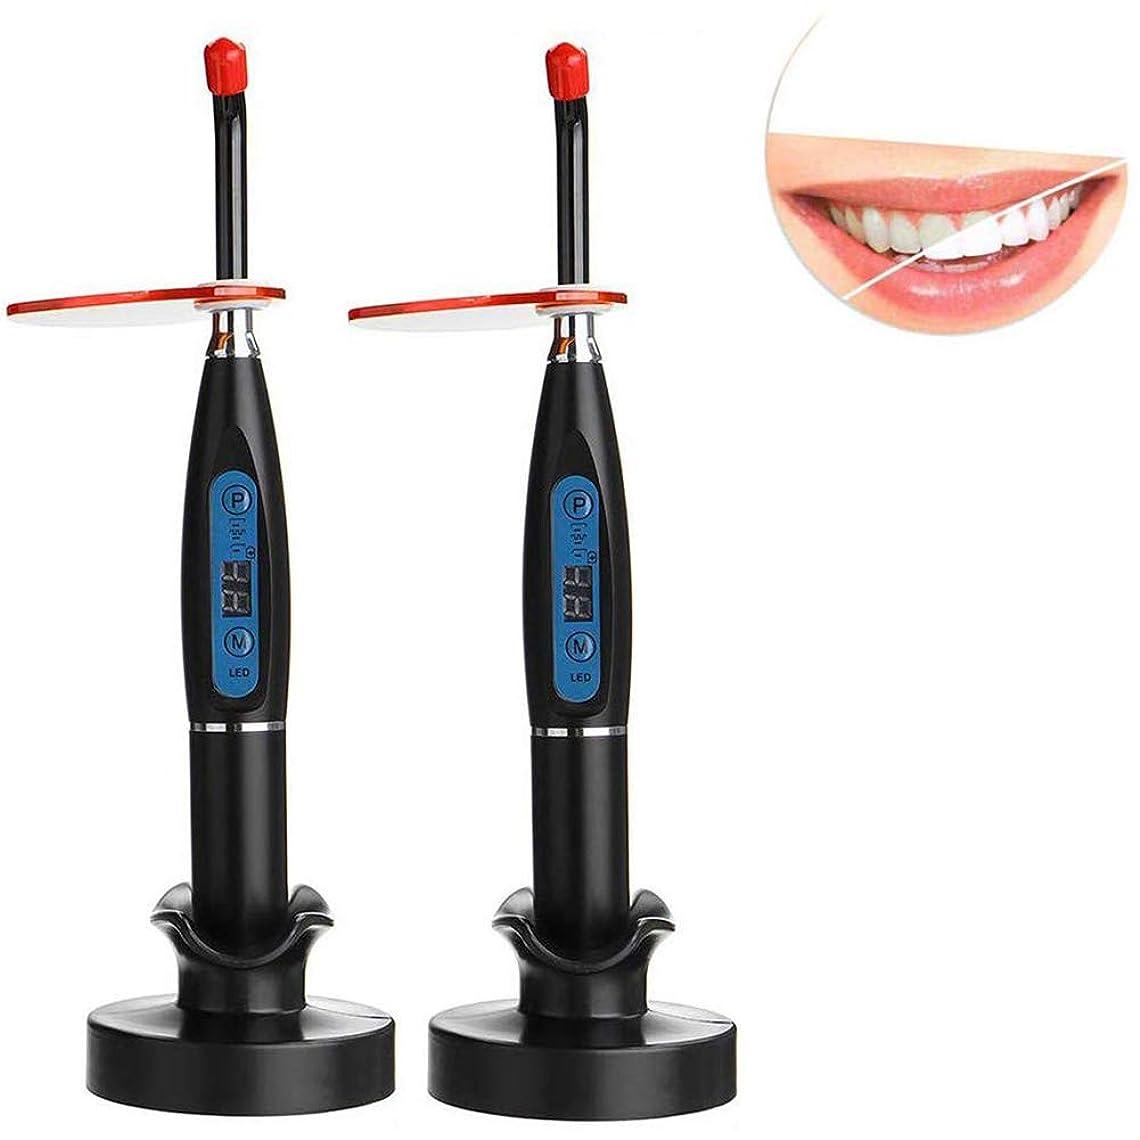 テザー襲撃アクション5WワイヤレスビッグパワーLEDライト歯科用硬化機コードレスLED歯科用ツール2000mw /cm2、3つの作業モード付きブルーライト付き(2PCS)